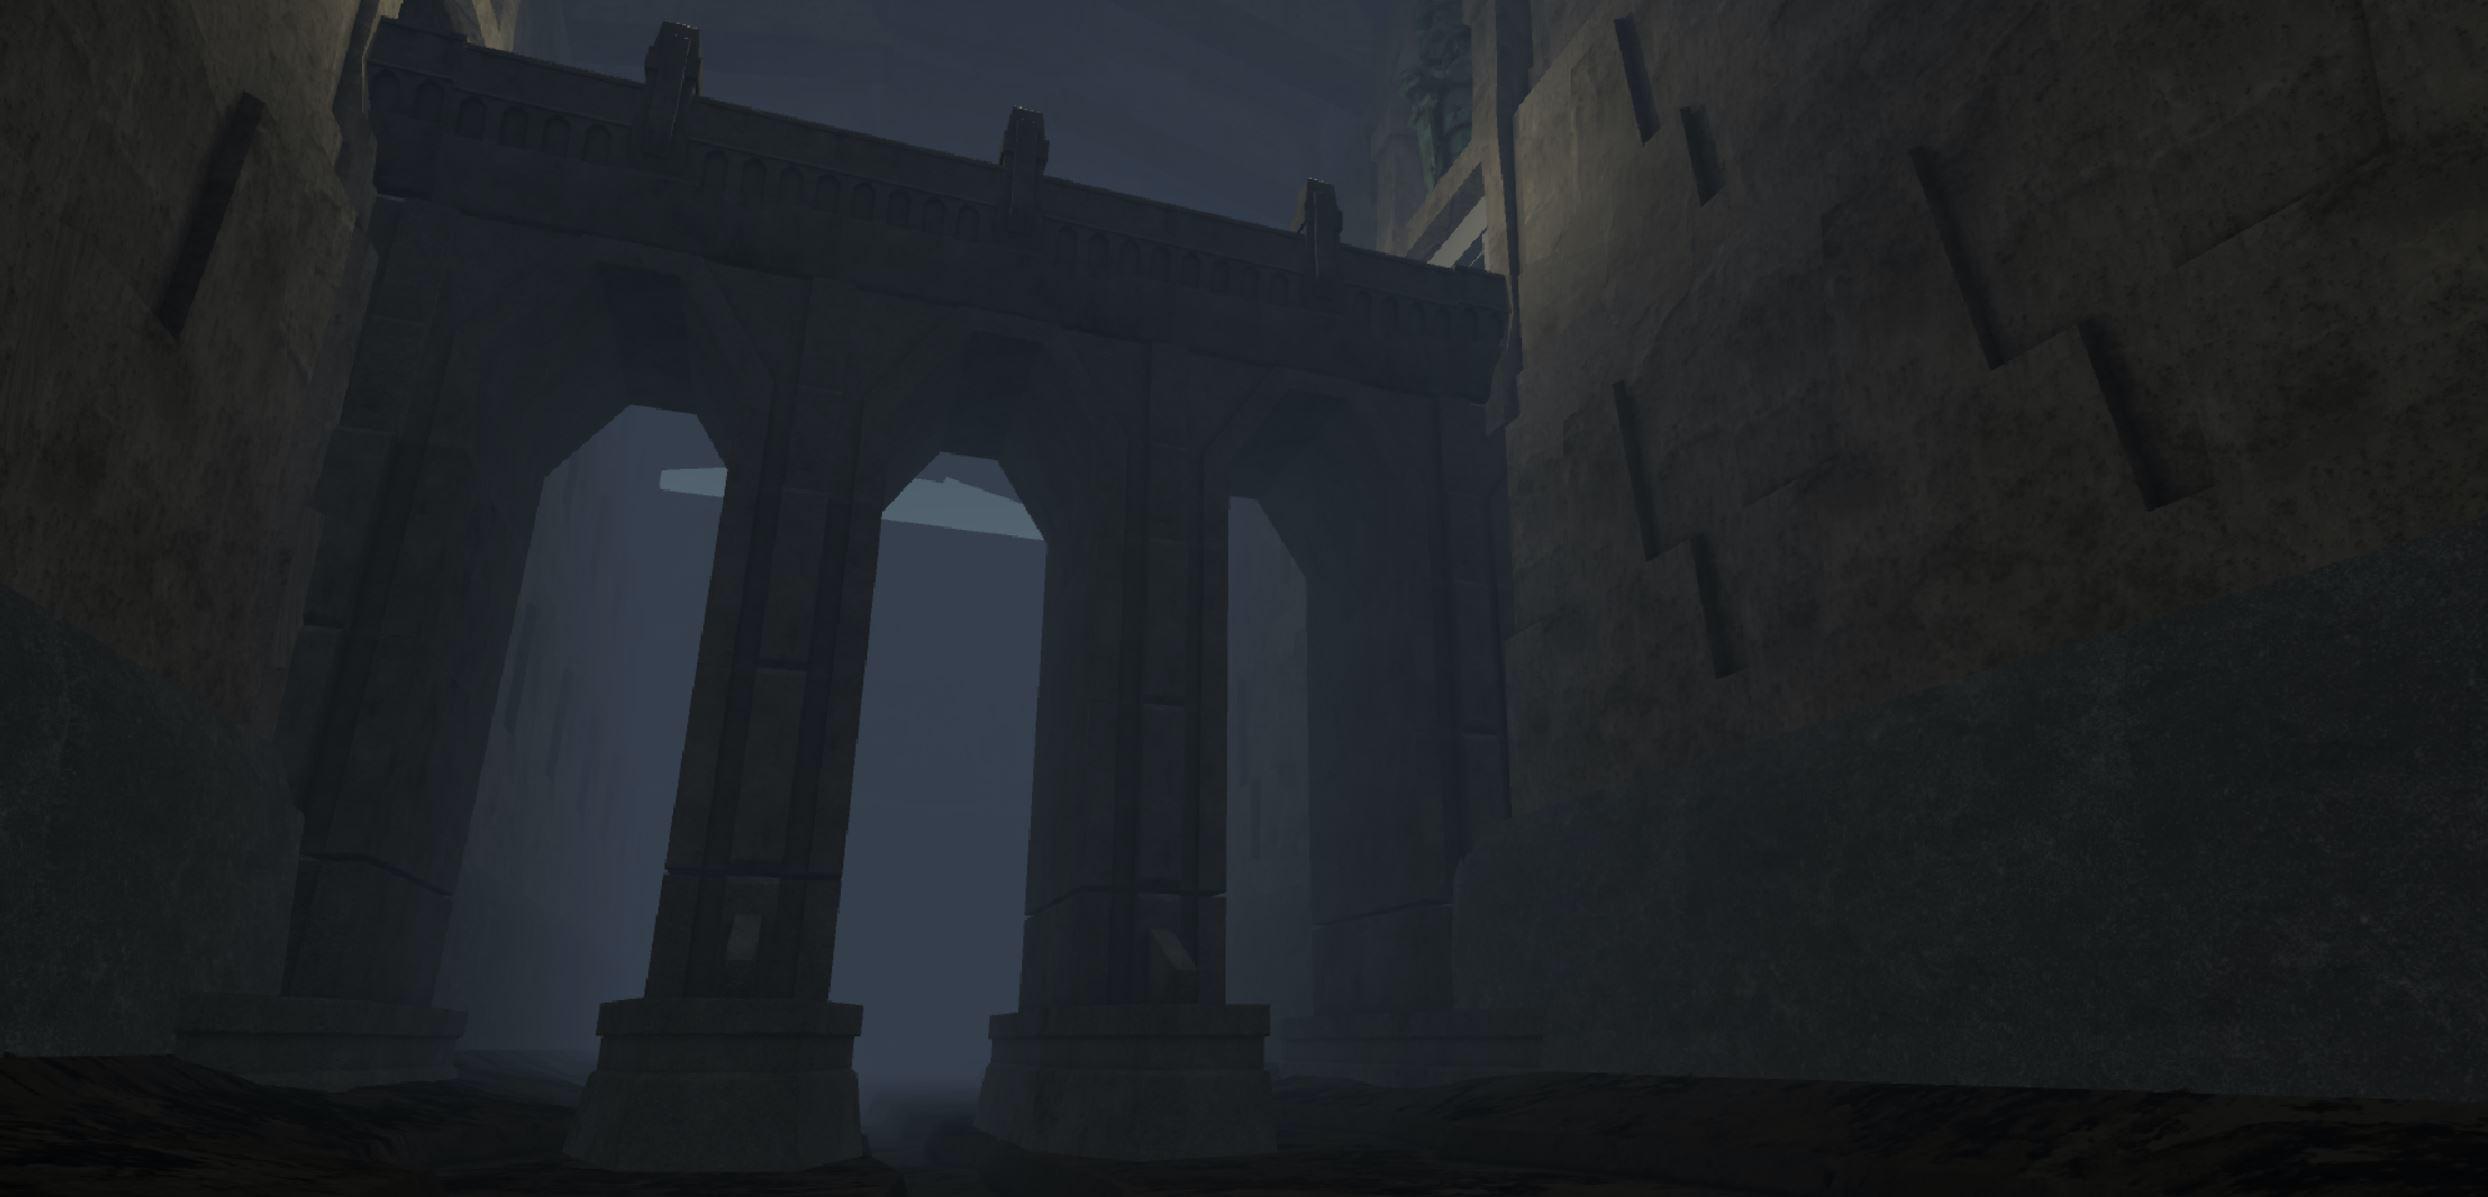 Dungeon_bridge_from_below.png